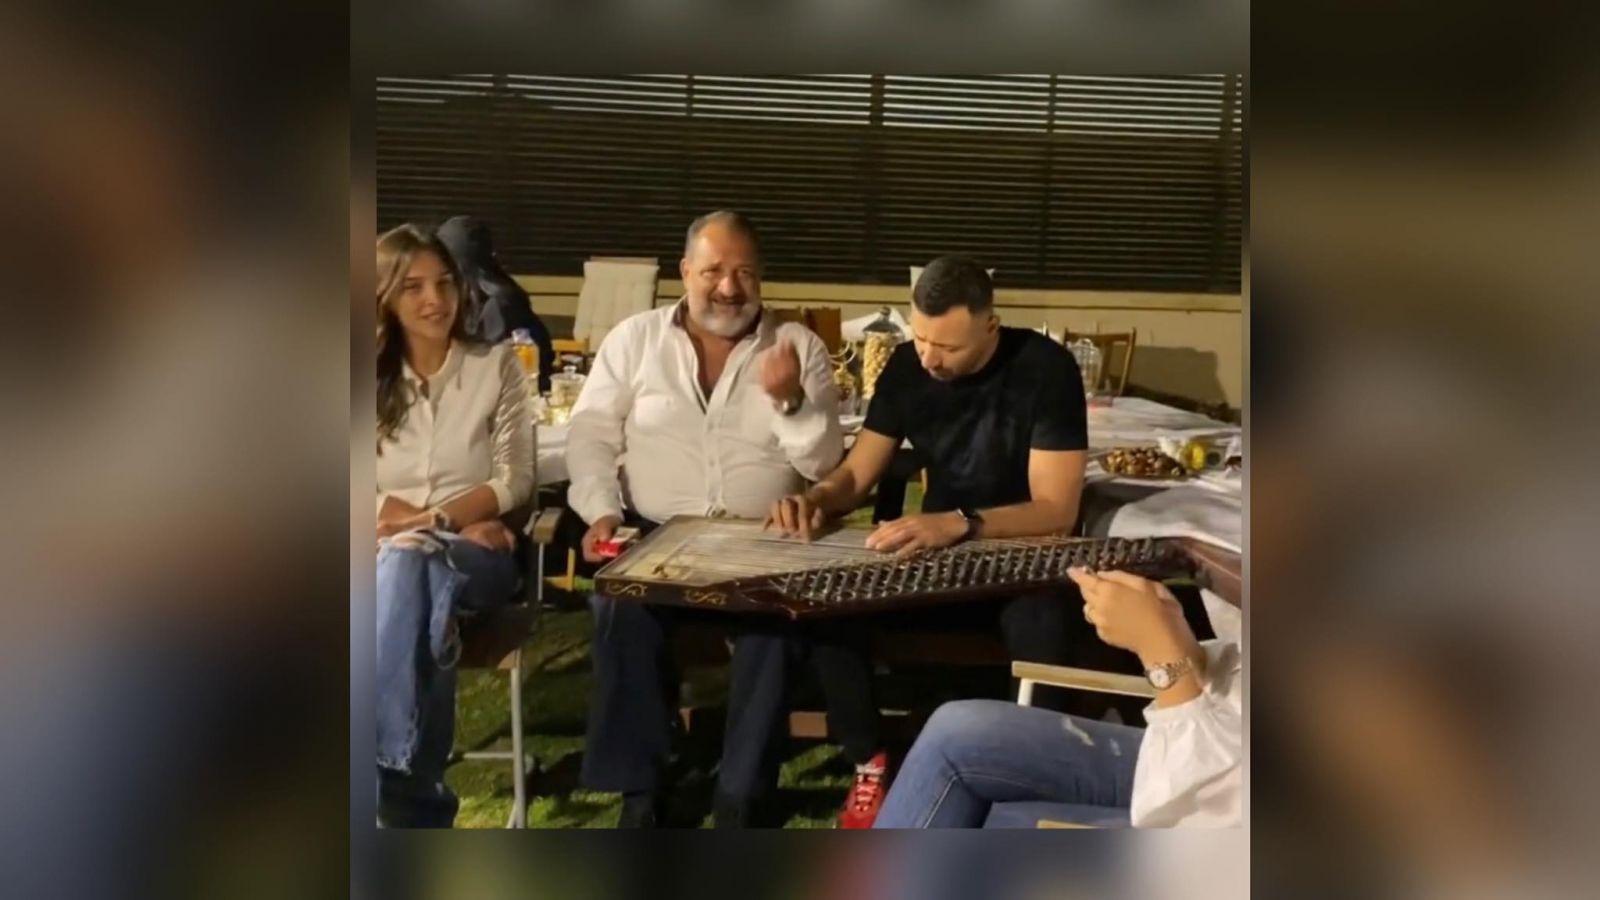 أحمد فهمى وخالد الصاوي يغنيان فى منزل الإعلامية شيرين حمدي